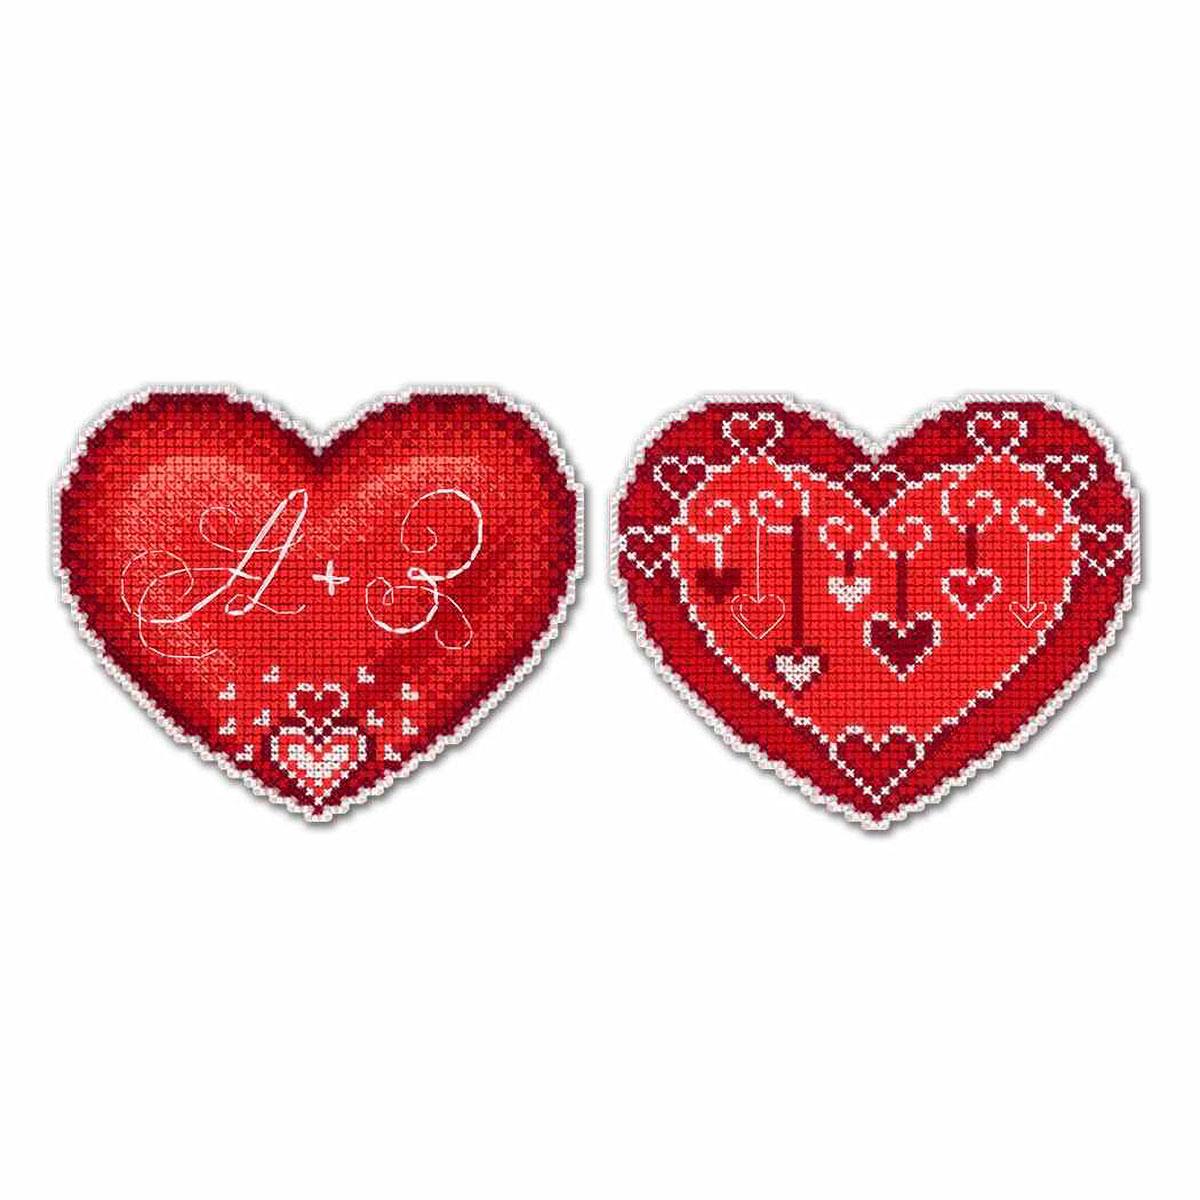 Р-262 Набор для вышивания на пластиковой канве МП Студия 'От всего сердца' 9*11см